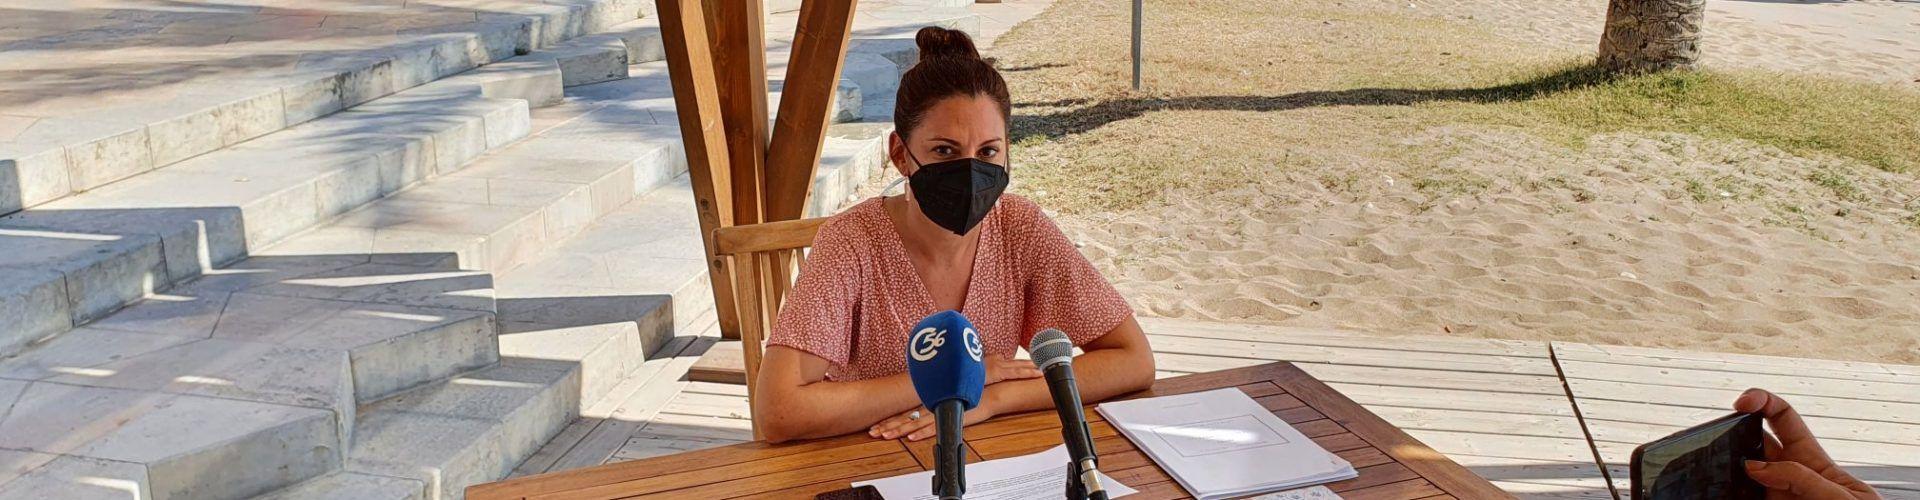 Vídeo: roda de premsa Paula Cerdà sobre abandonament d'animals